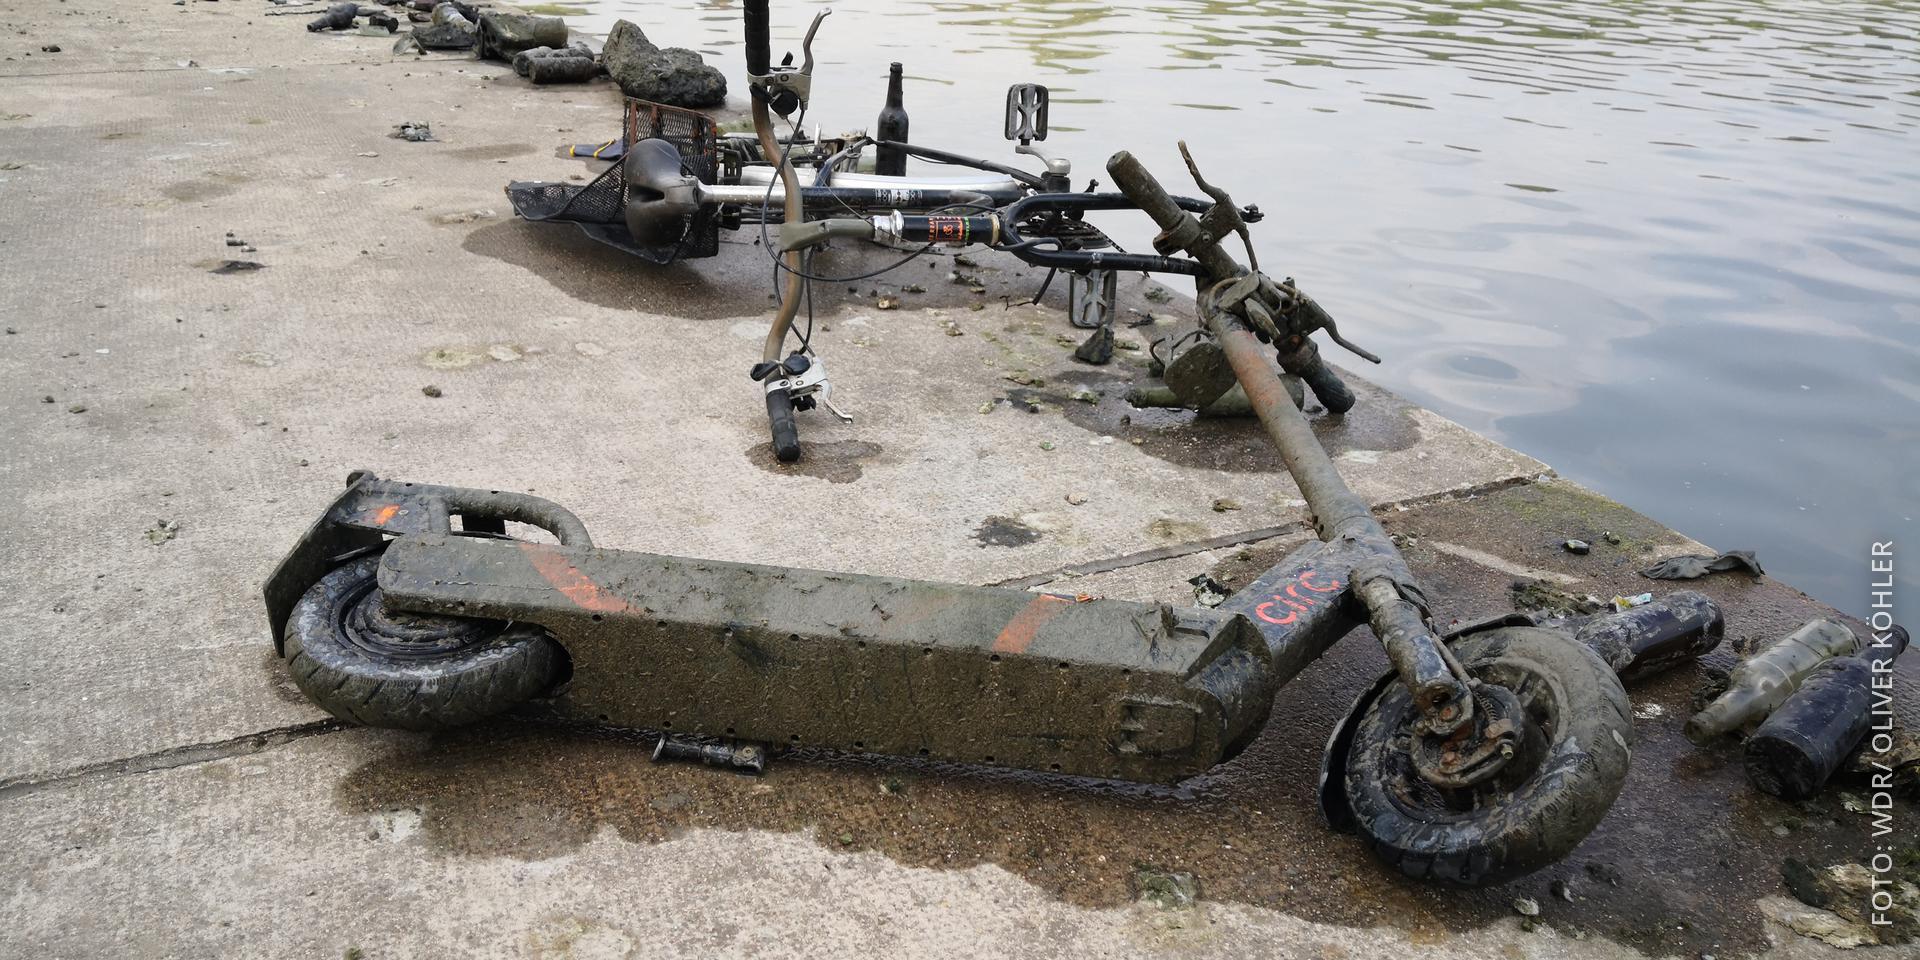 Rausgefischte E-Scooter